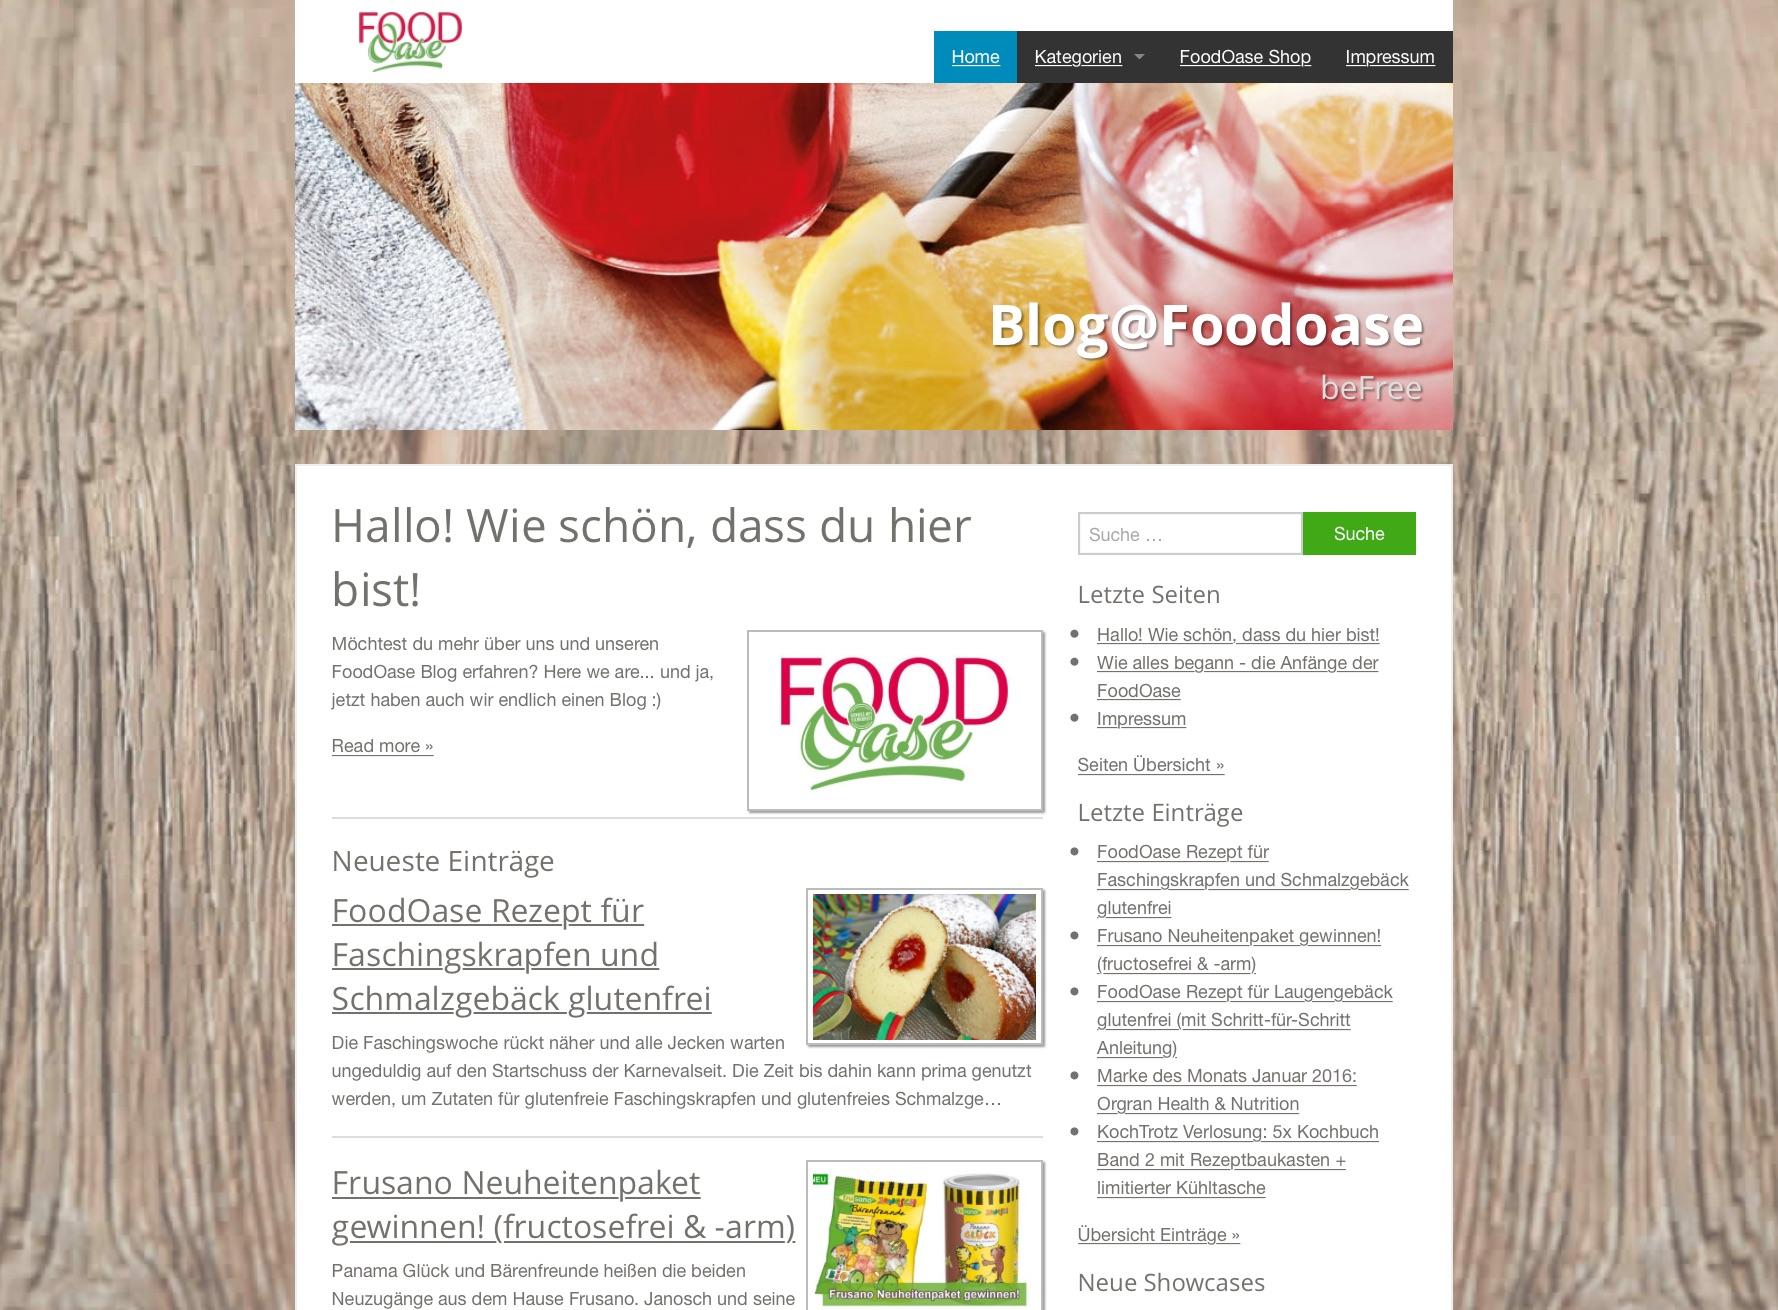 FoodOaseBlog